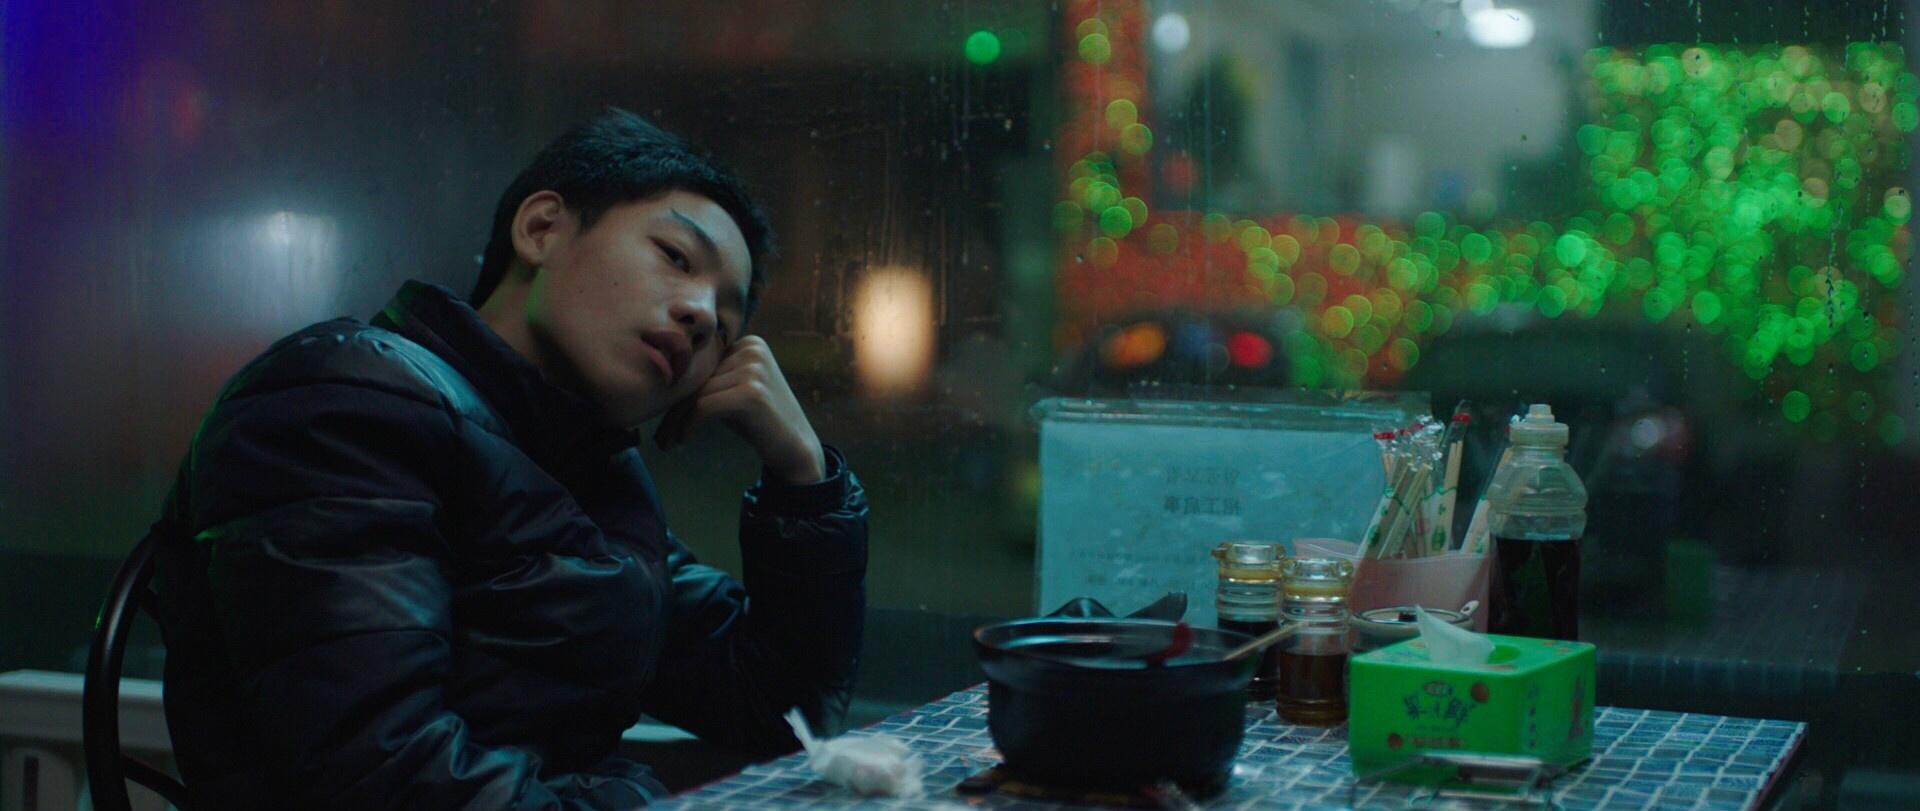 入围戛纳的导演魏书钧和他的短片《延边少年》